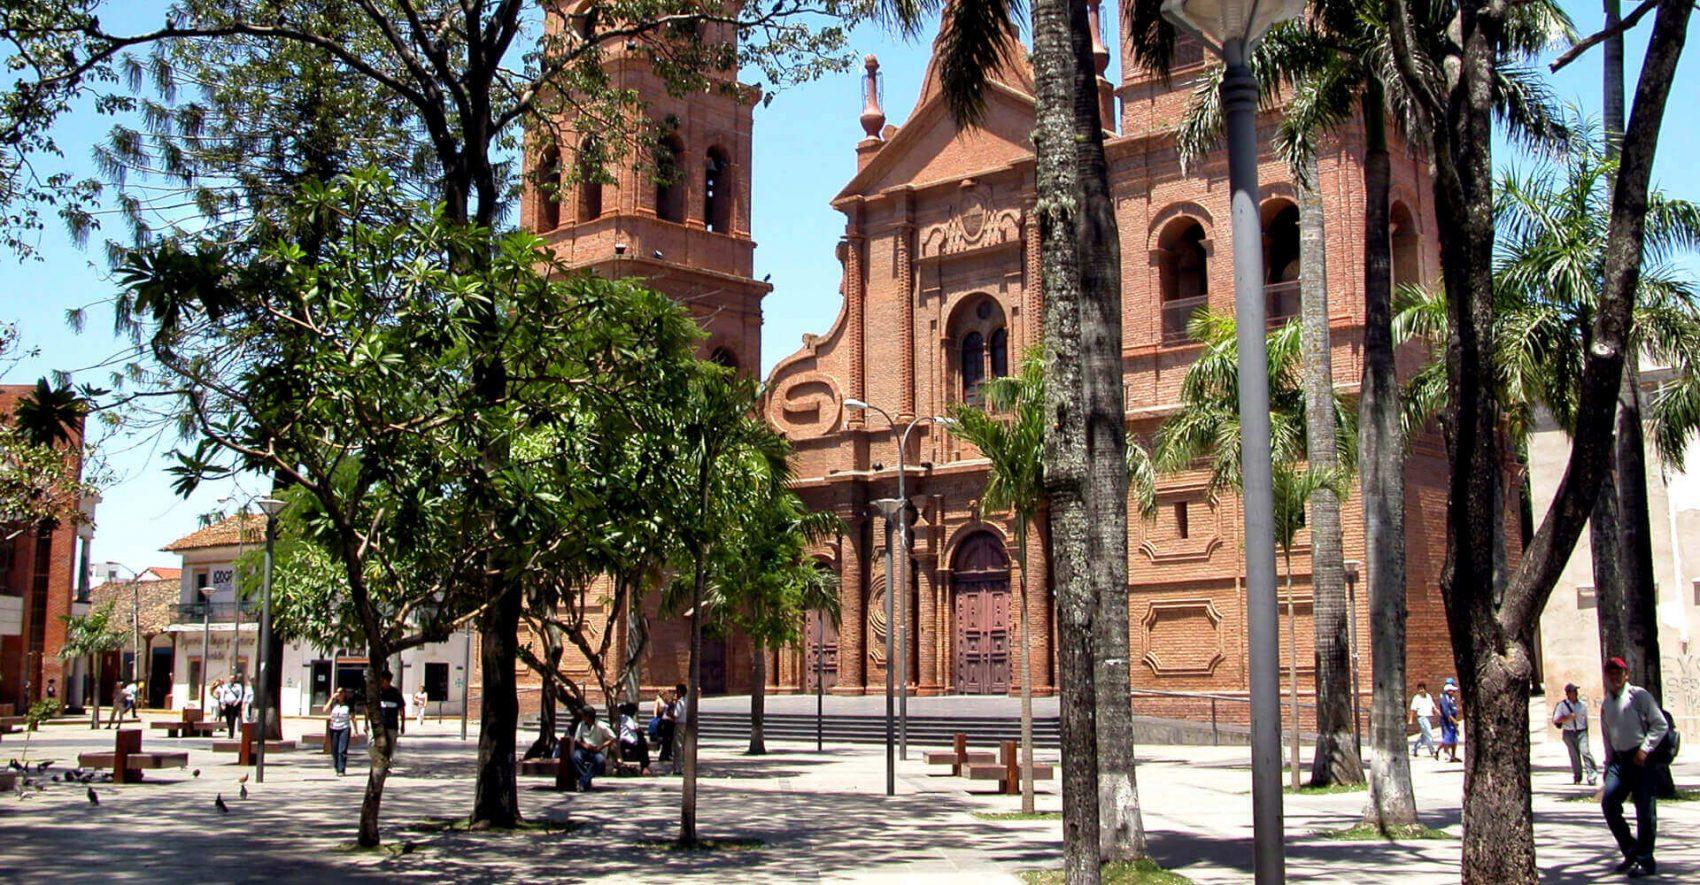 Plaza 24 de Septiembre - City tour Santa Cruz, Bolivia